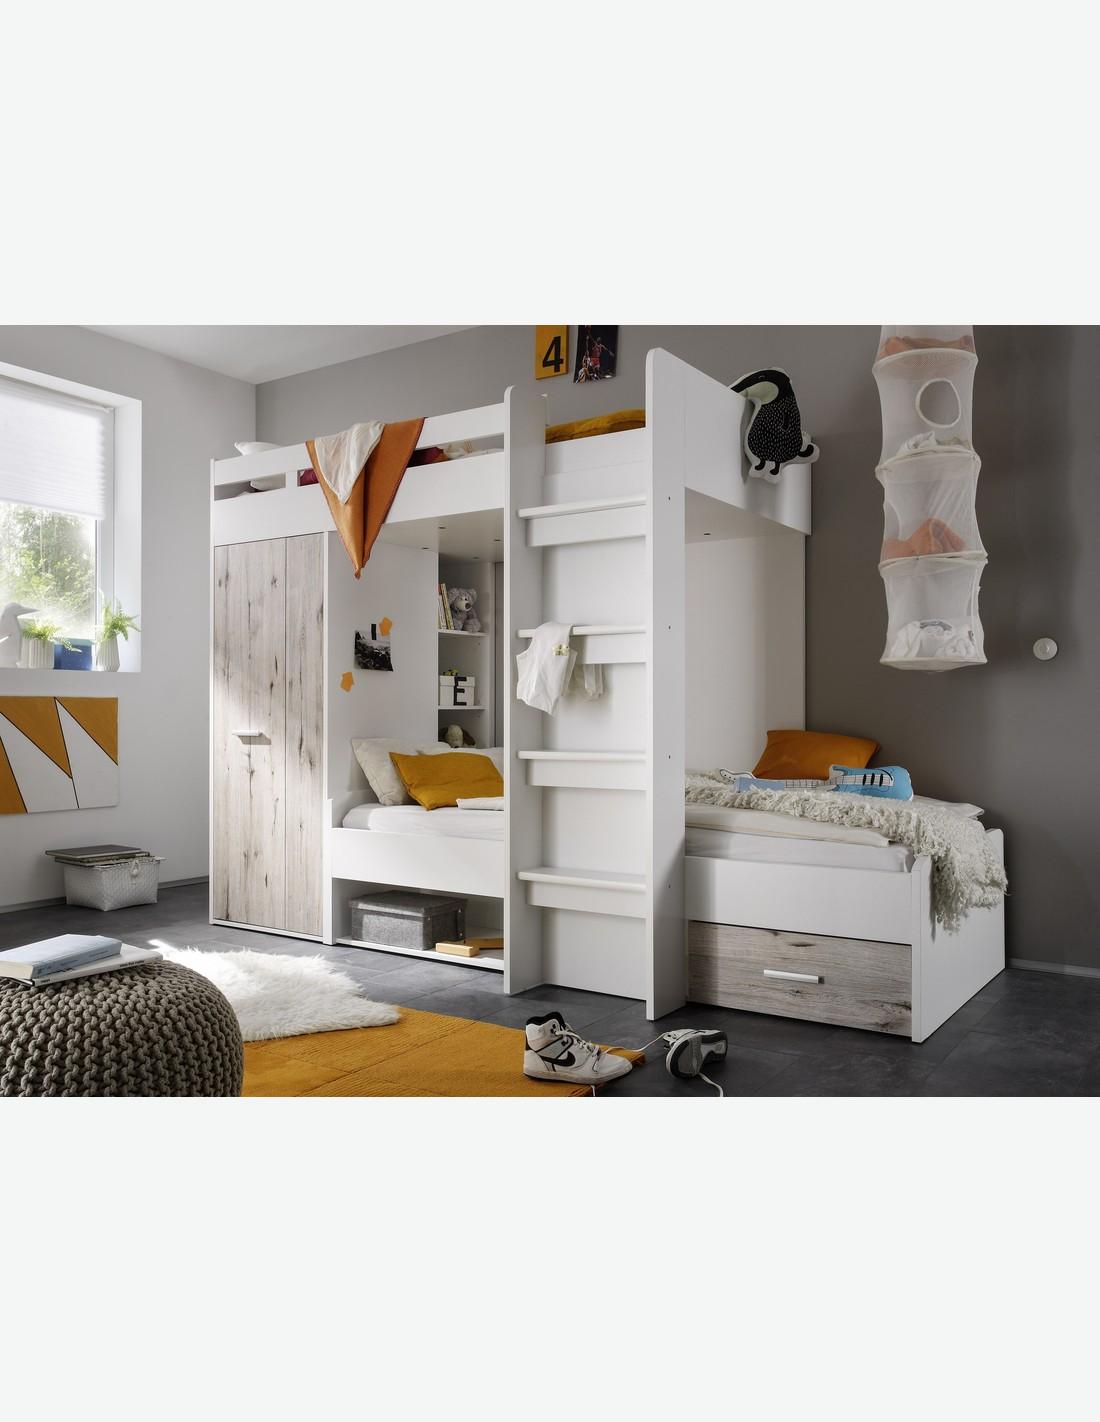 hochbett wei und sandeiche dekor. Black Bedroom Furniture Sets. Home Design Ideas